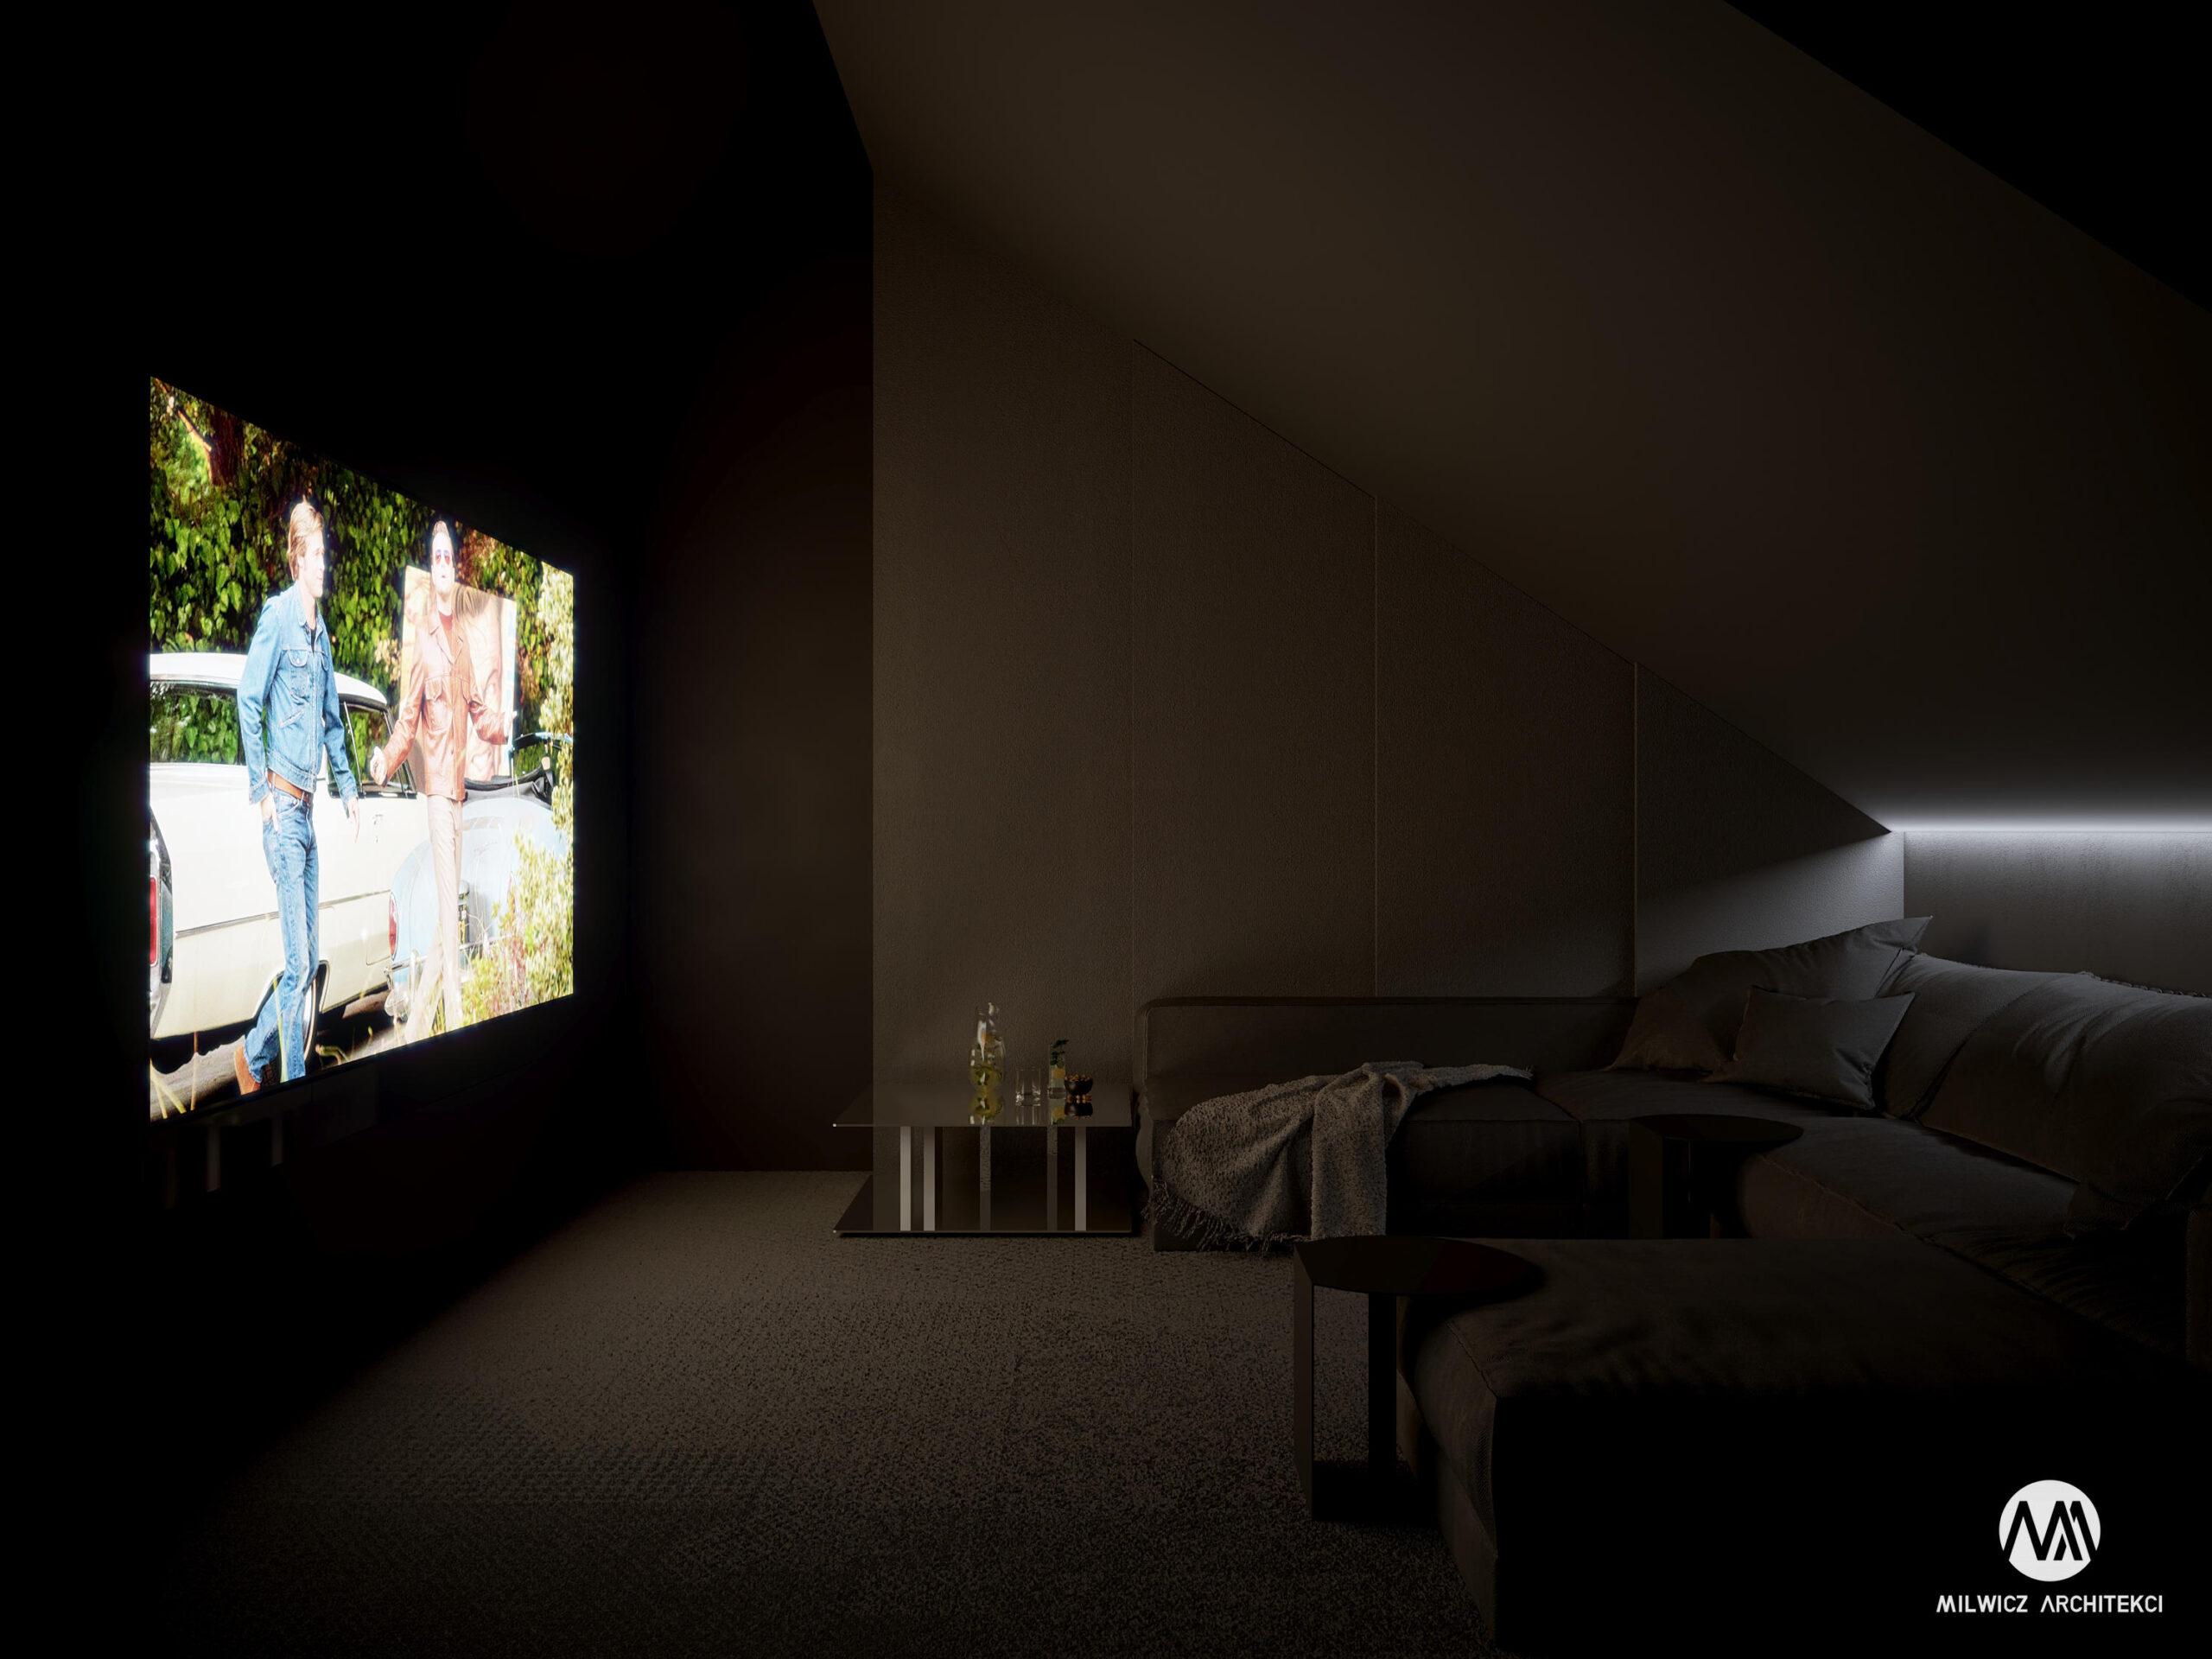 projekty indywidualne, projekty wnętrz, minimalizm, nowoczesna stodoła, sala kinowa